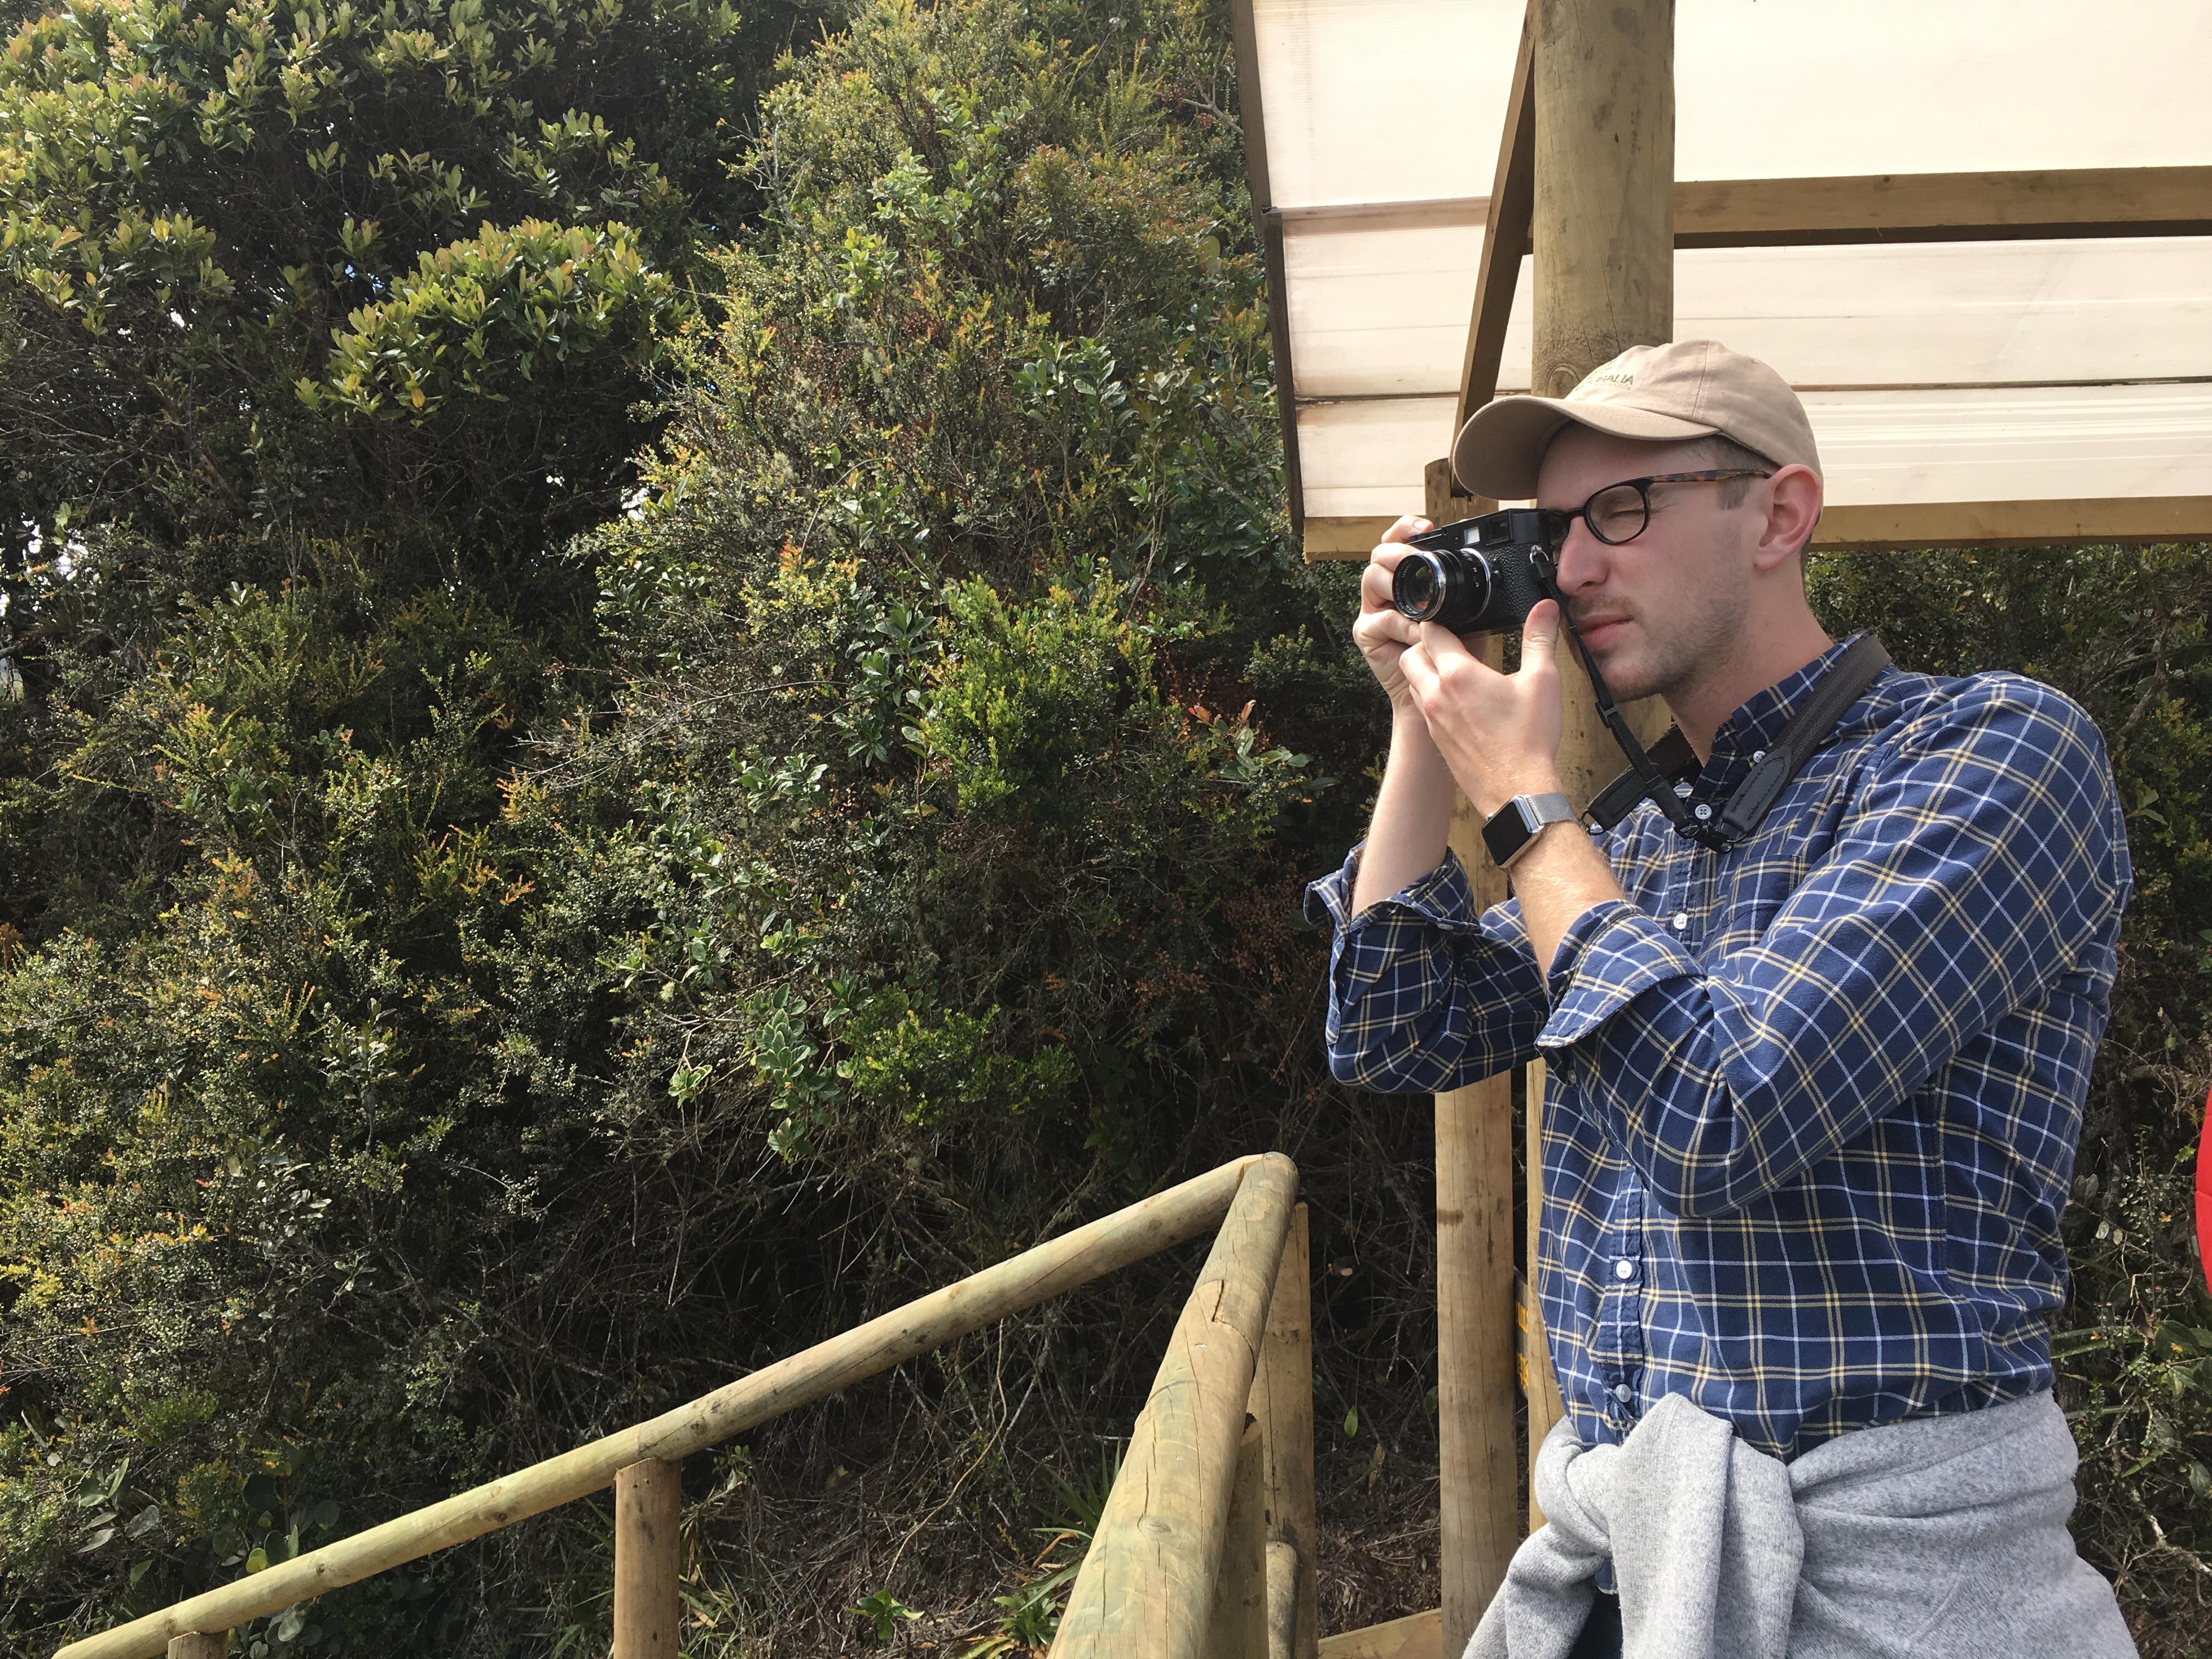 Daniel Houghton tiene 28 años. Es fotoperiodista y un amante de viajar y de los viajes. Le fascinan los aeropuertos.